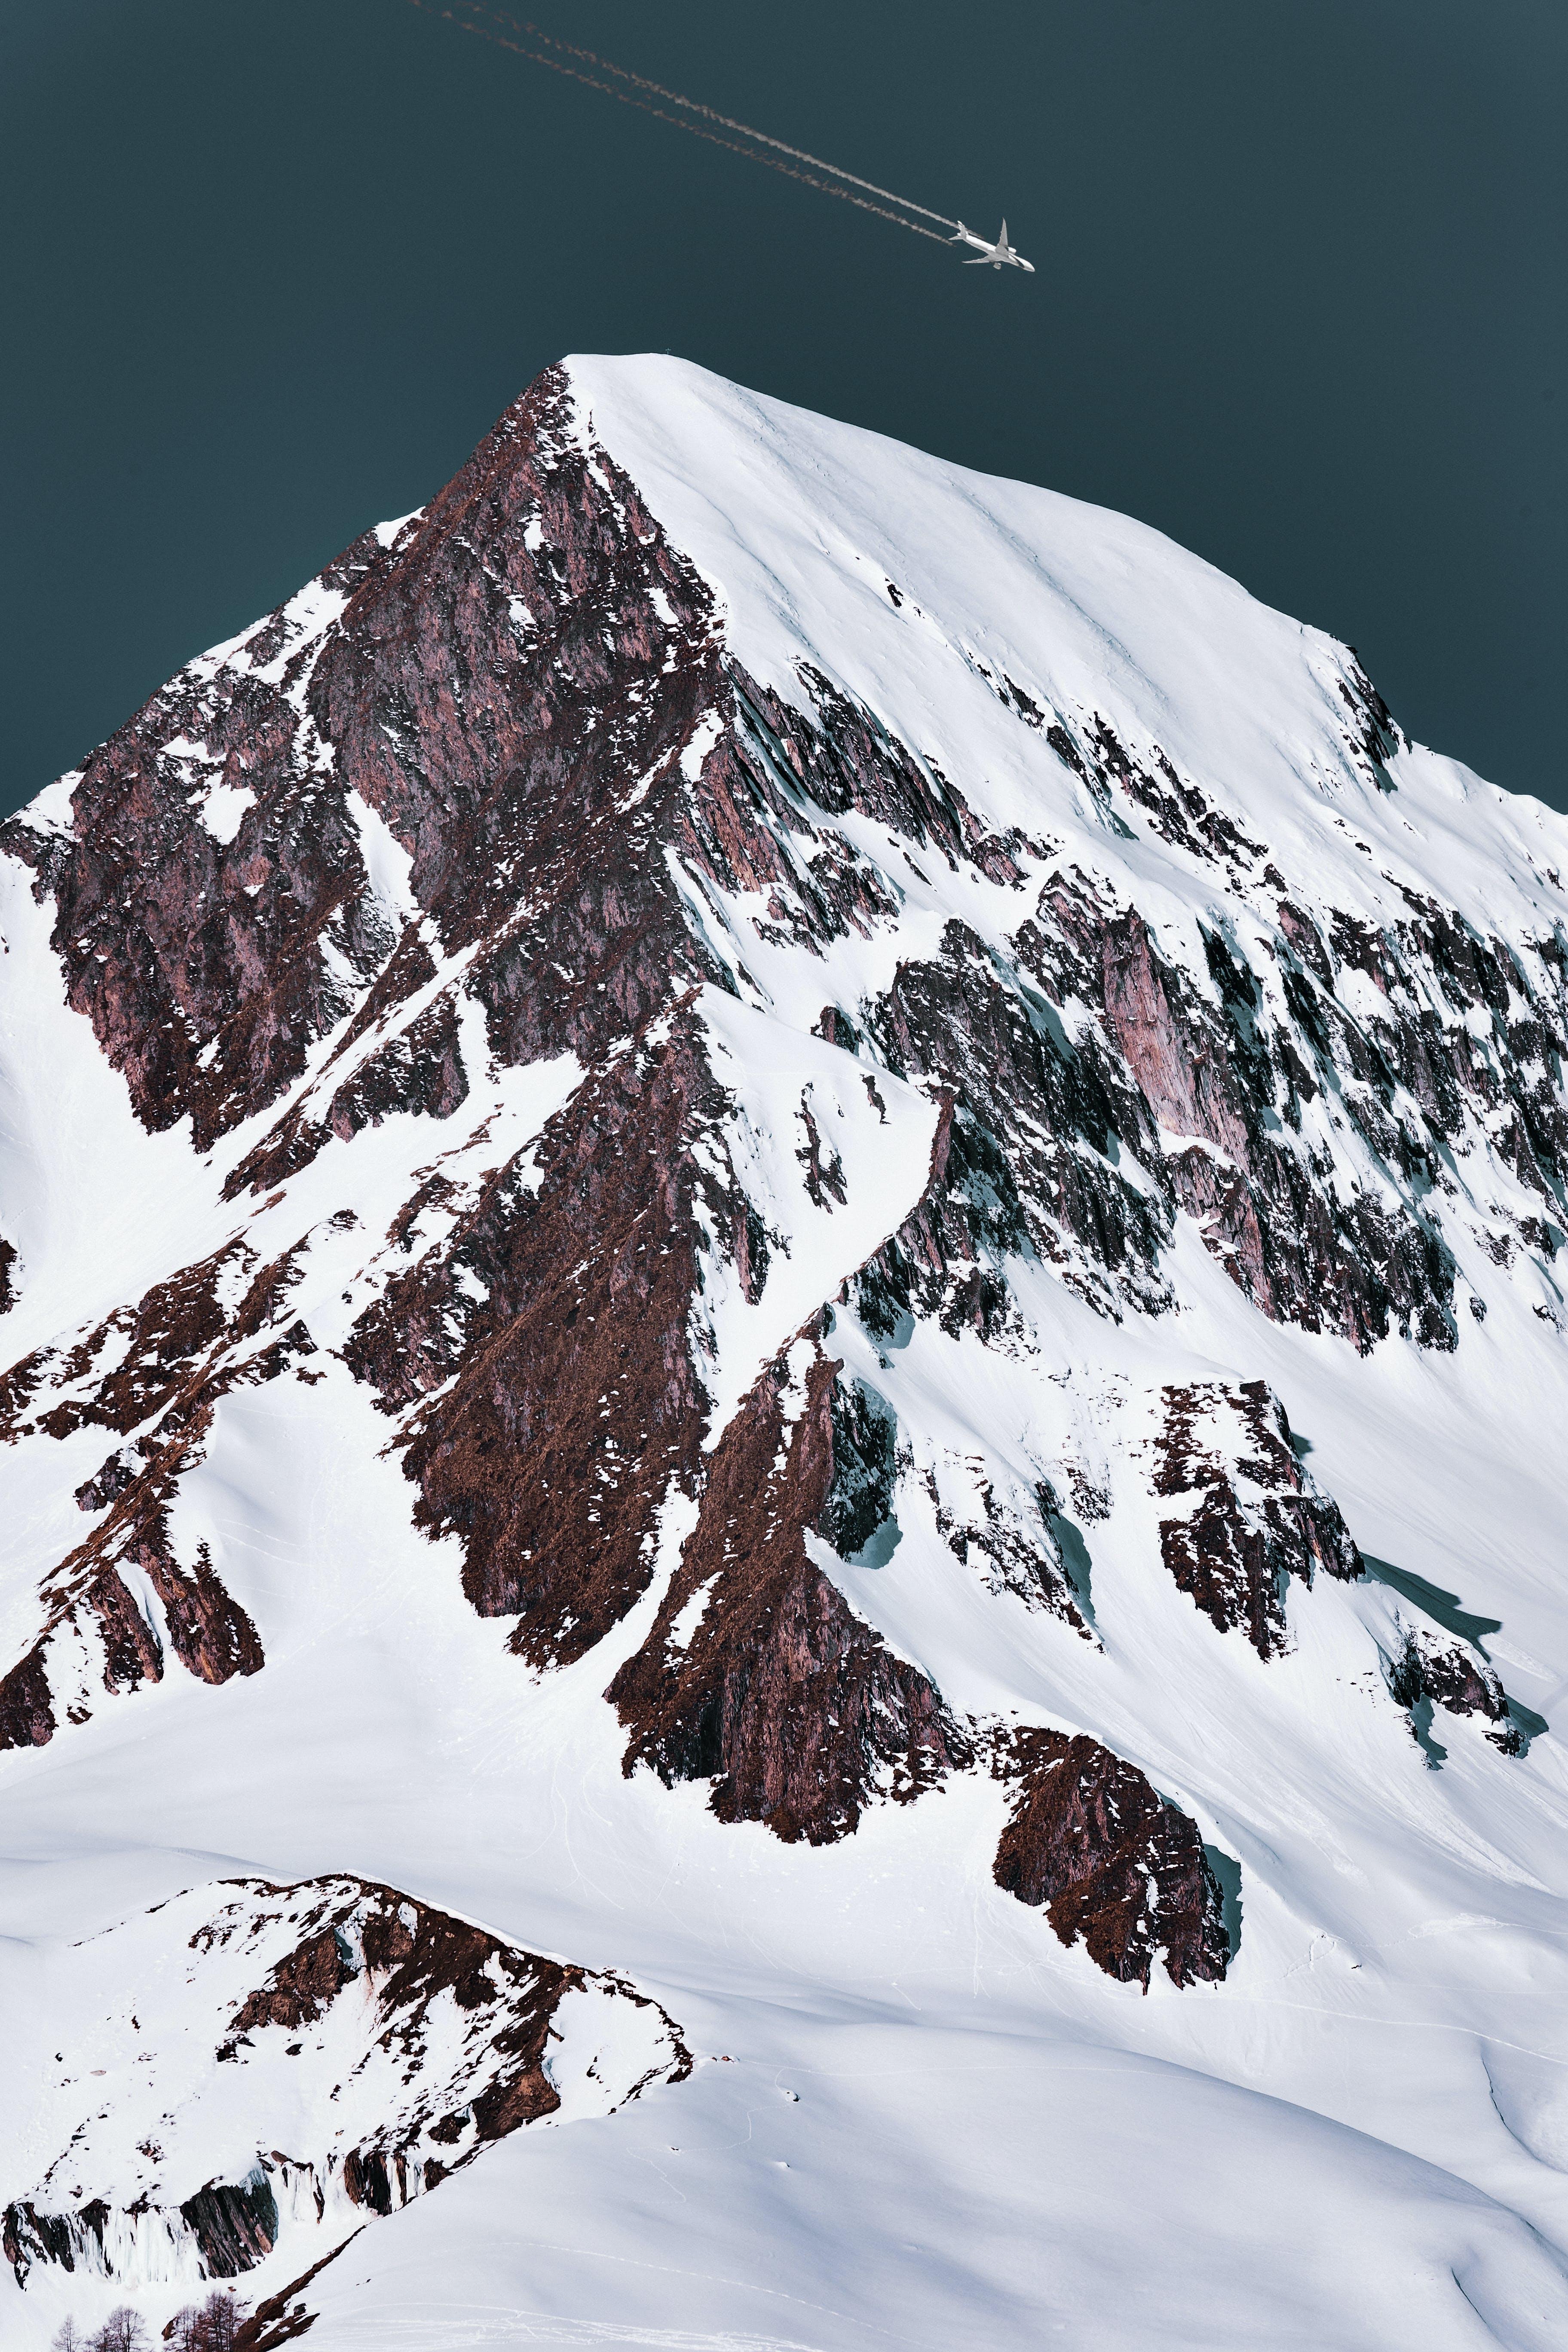 Immagine gratuita di alto, arrampicarsi, avventura, cima della montagna